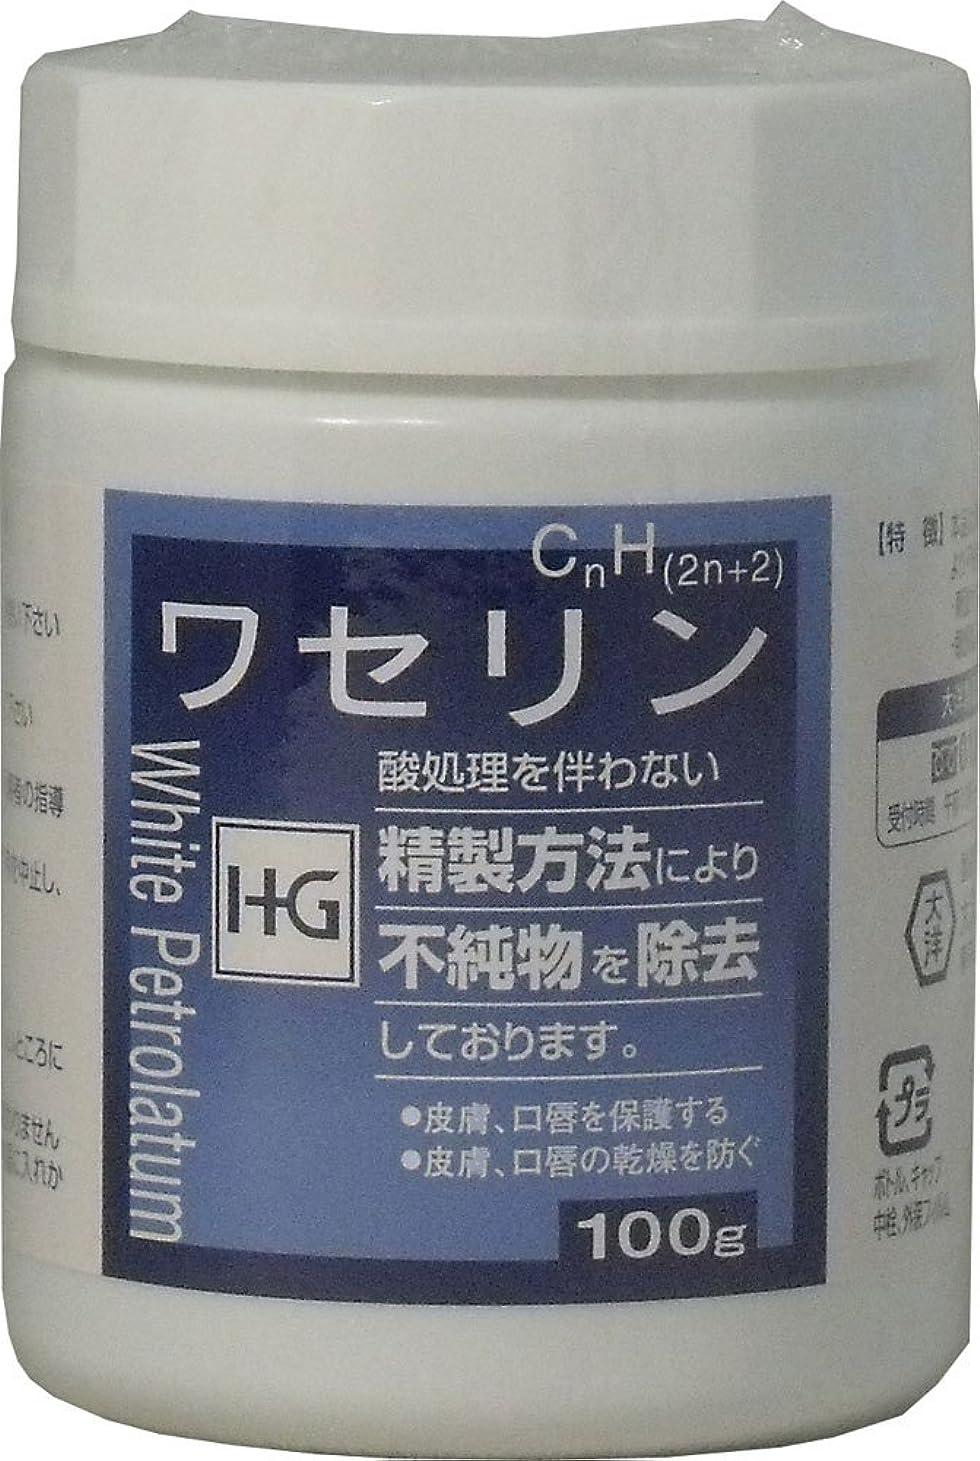 やさしく経済的思慮のない皮膚保護 ワセリンHG 100g ×10個セット